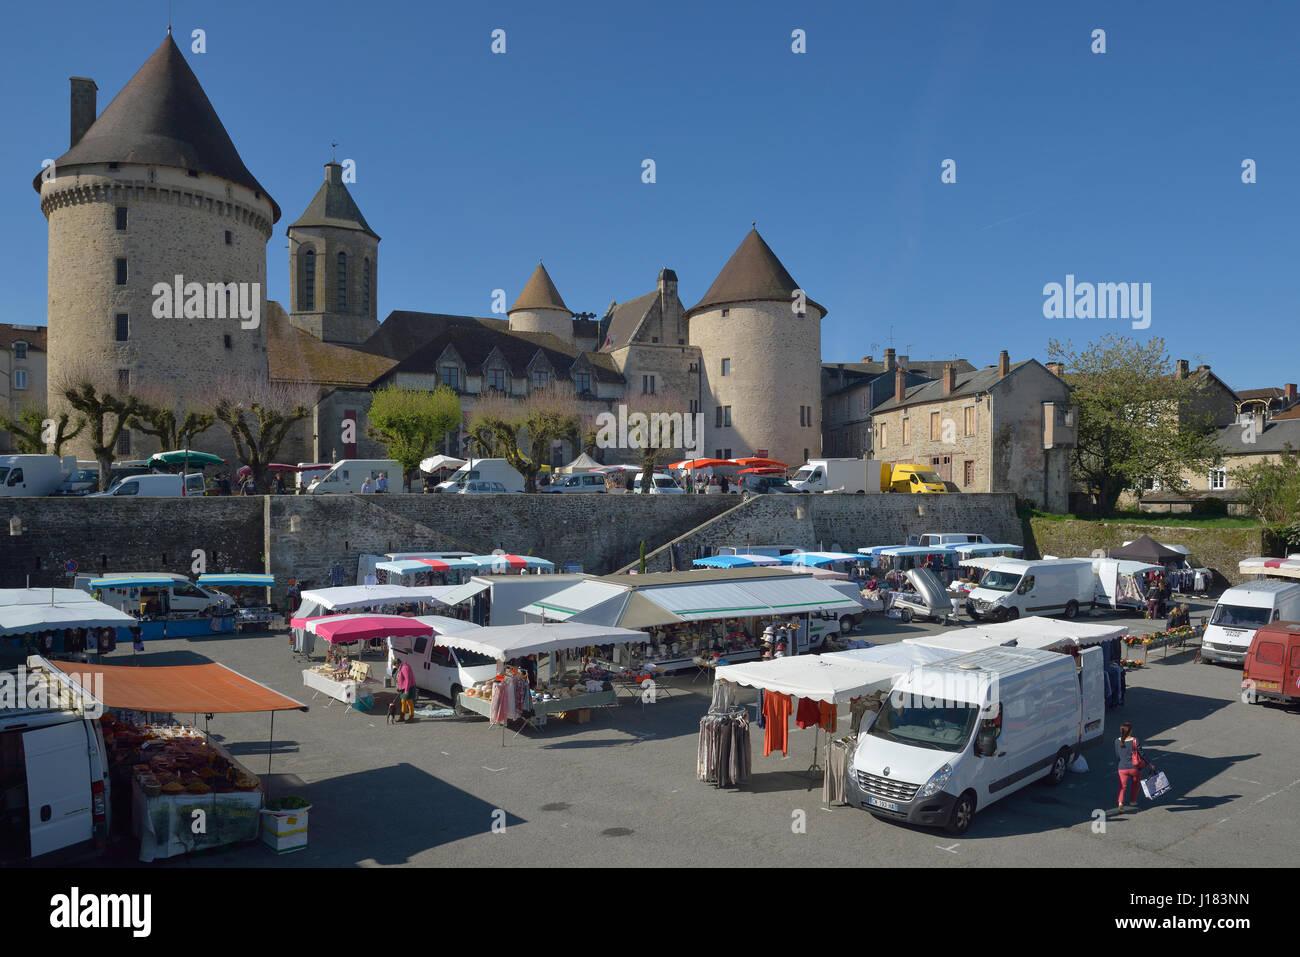 Markttag am Bourganeuf im Département Creuse in der Region von Nouvelle-Aquitaine in Zentralfrankreich. Stockbild